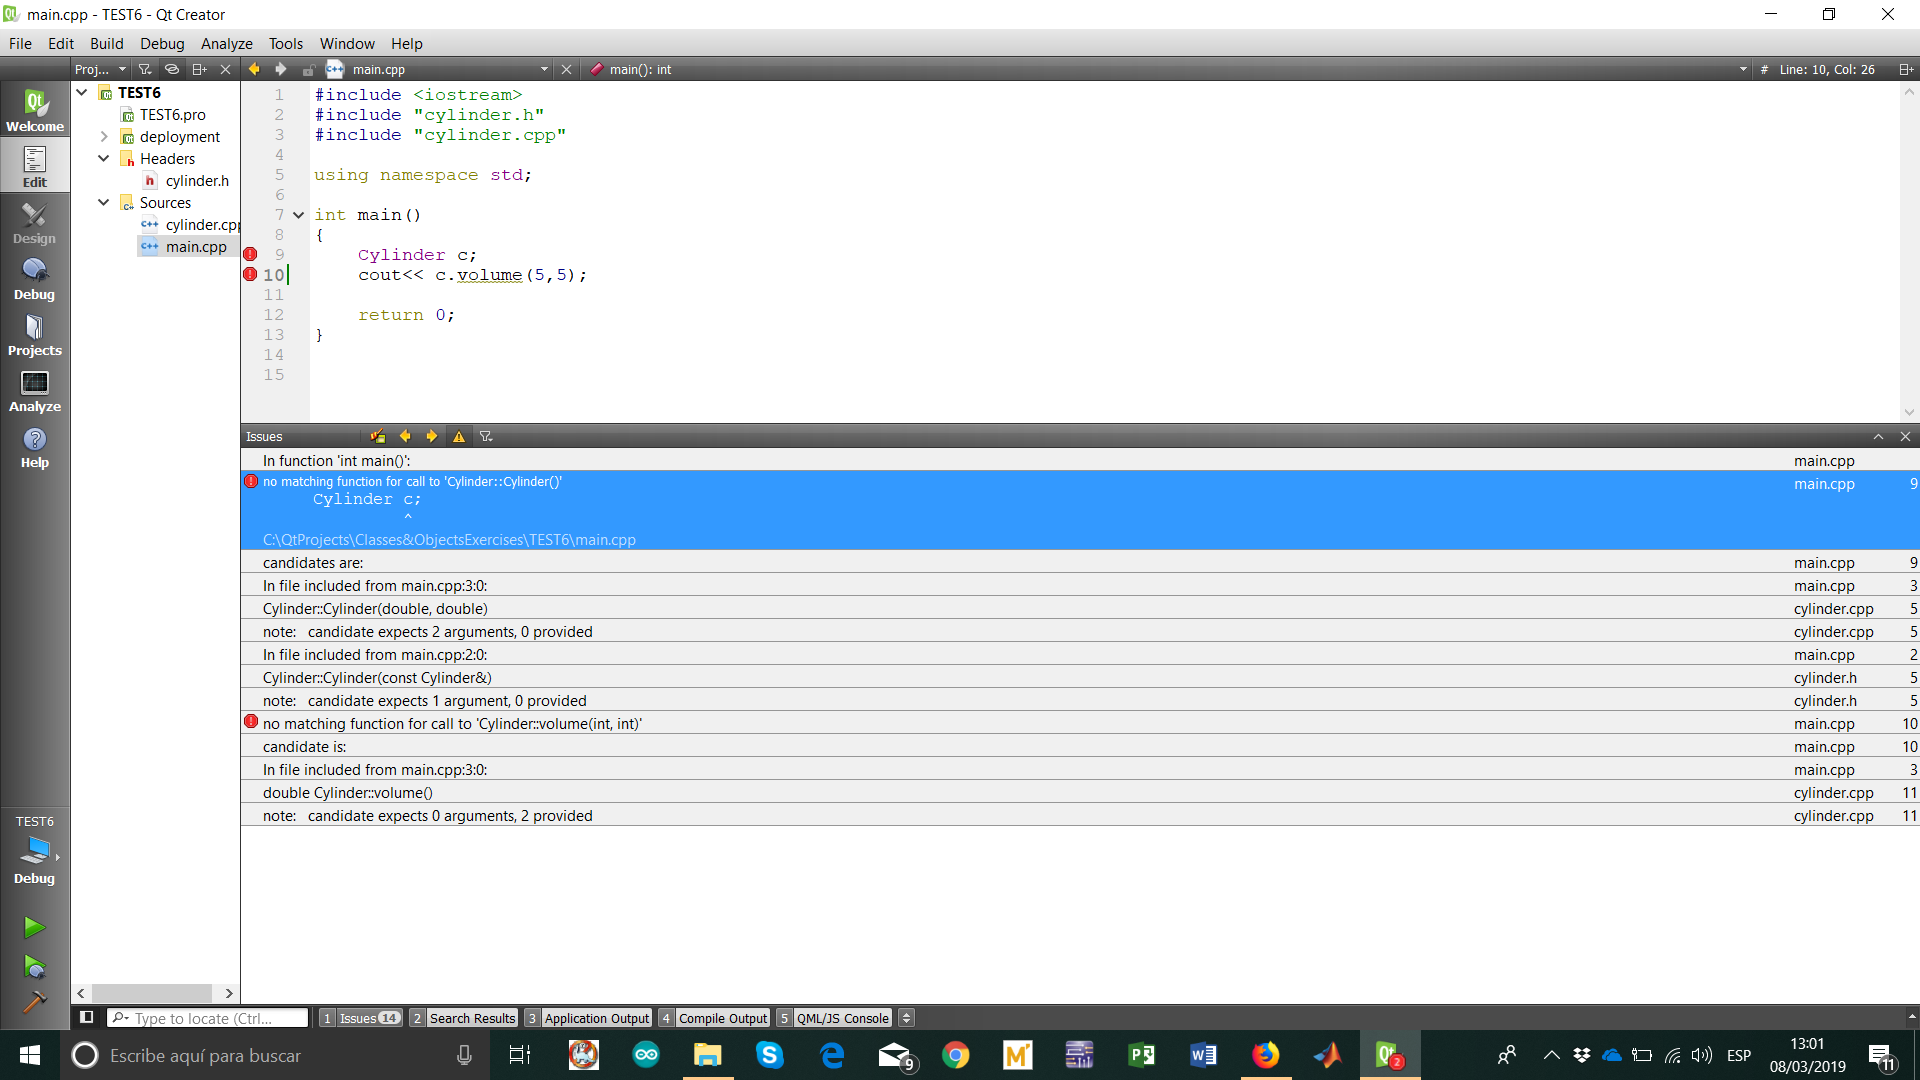 0_1552046527206_Qt Classes Error.png